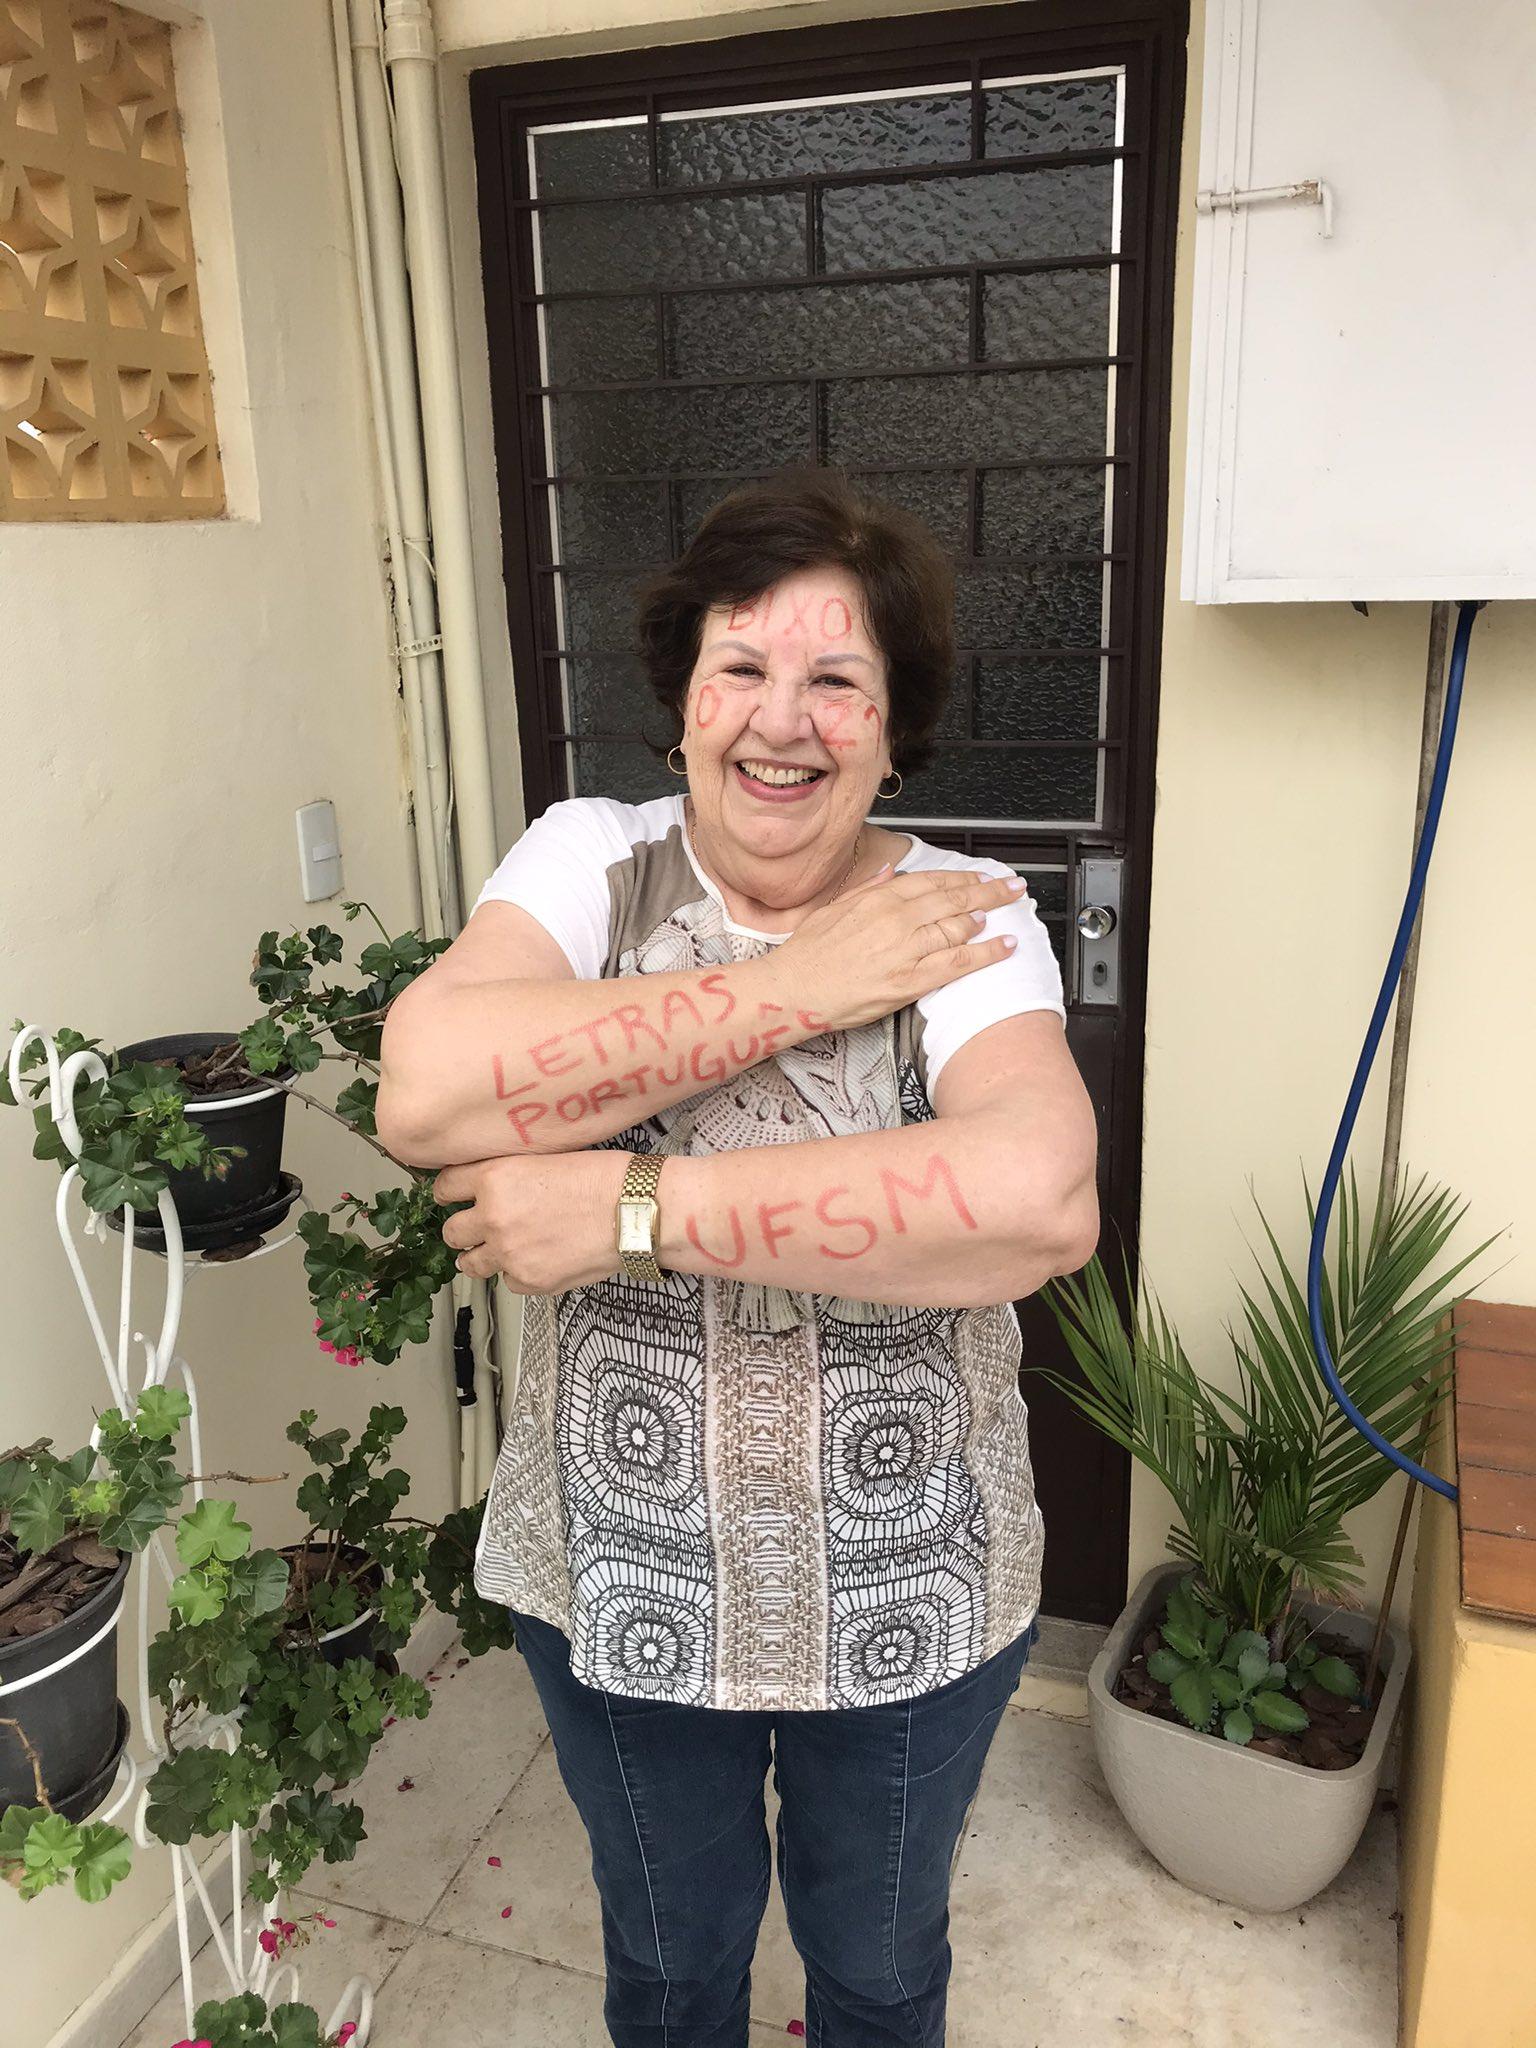 idosa sorrindo braços cara pintada aprovação vestibular